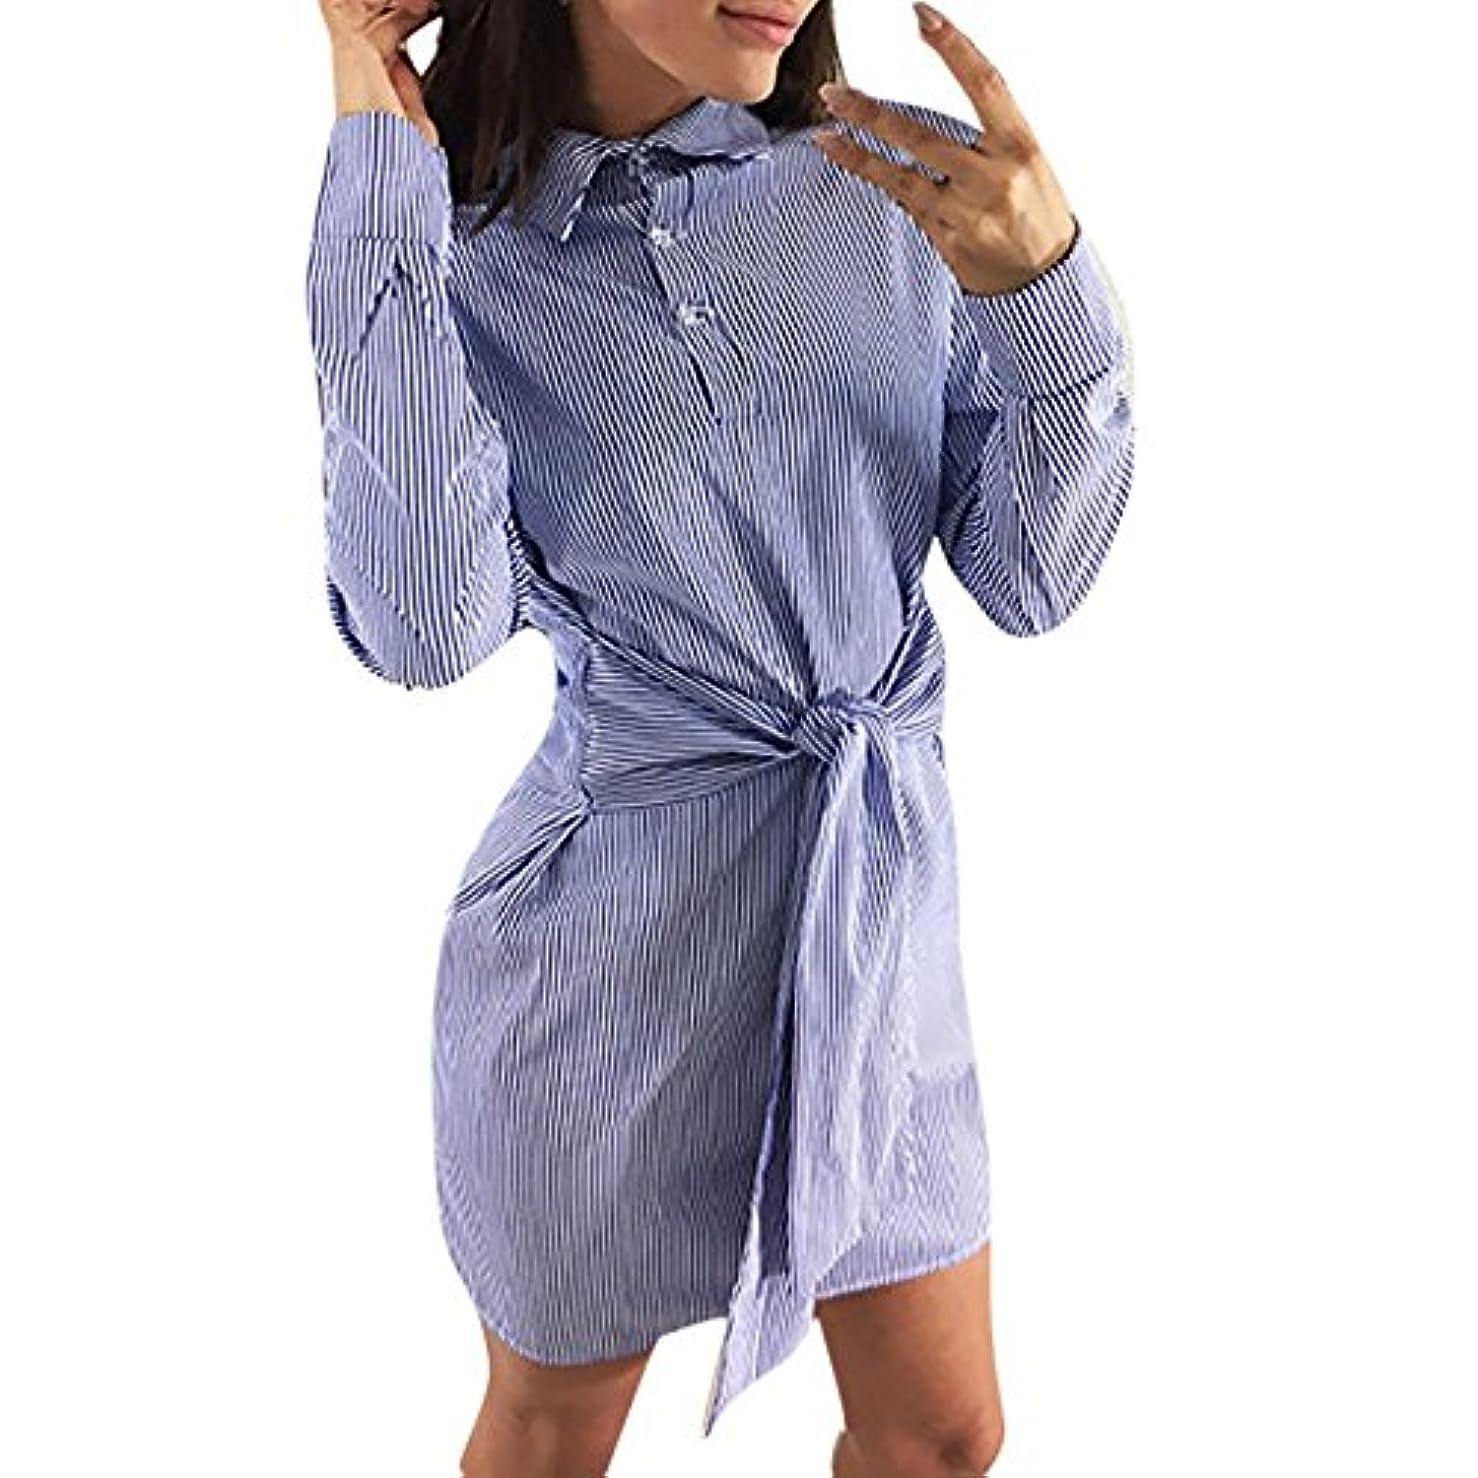 変色する食欲マトリックスSakuraBest 女性のストライプウエストバンド長袖シャツドレス